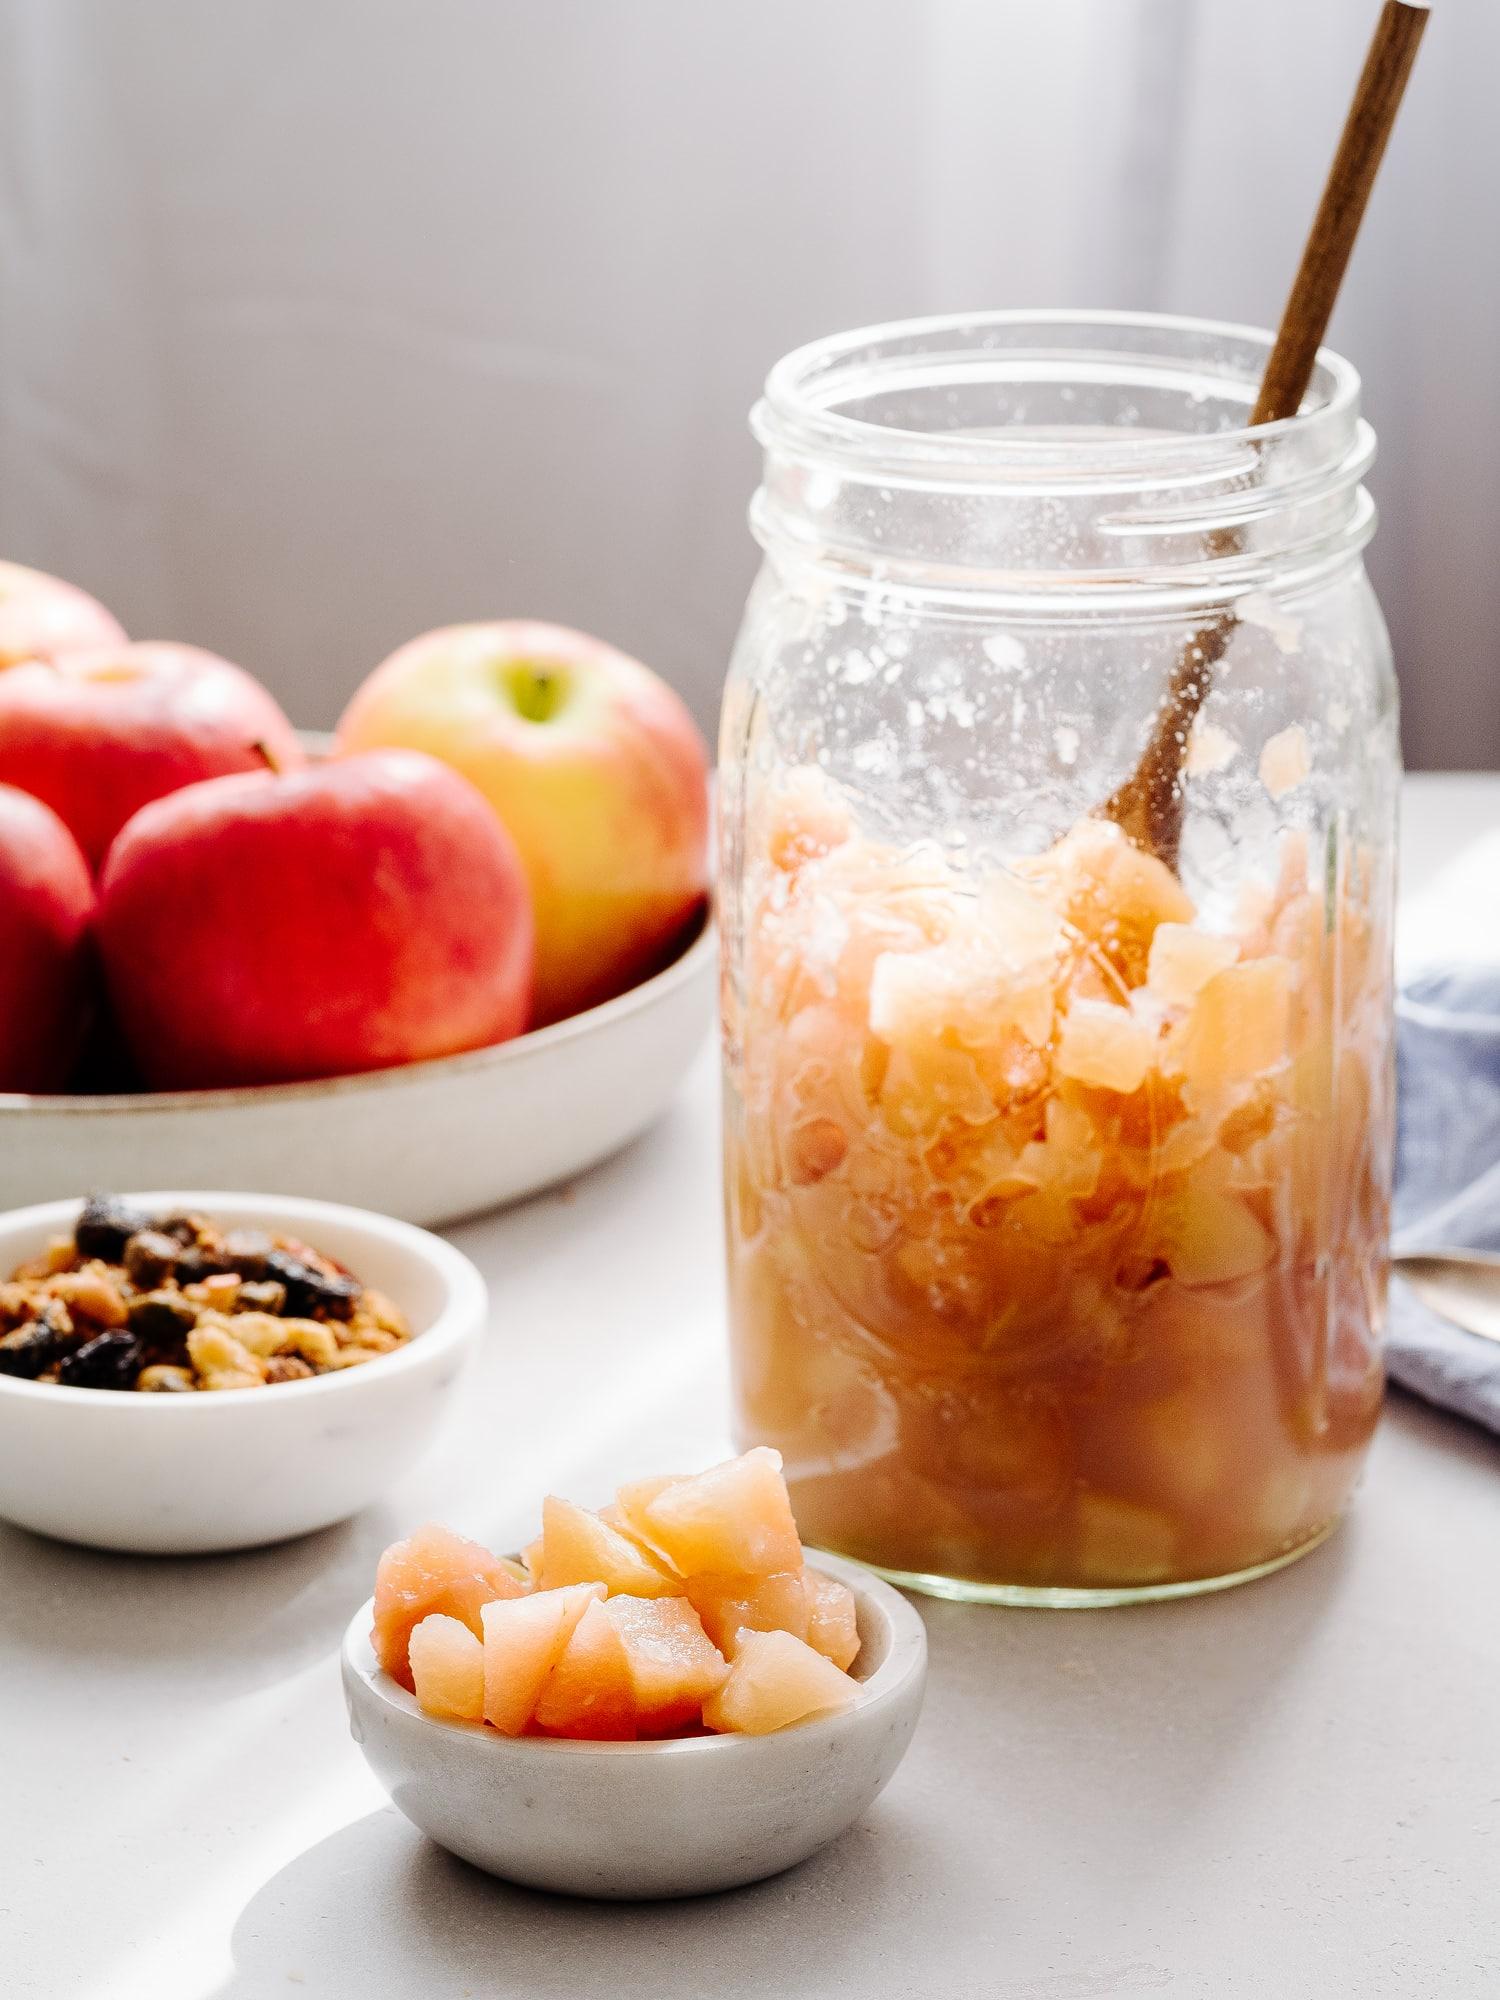 Schnelles Apfelkompott im Glas